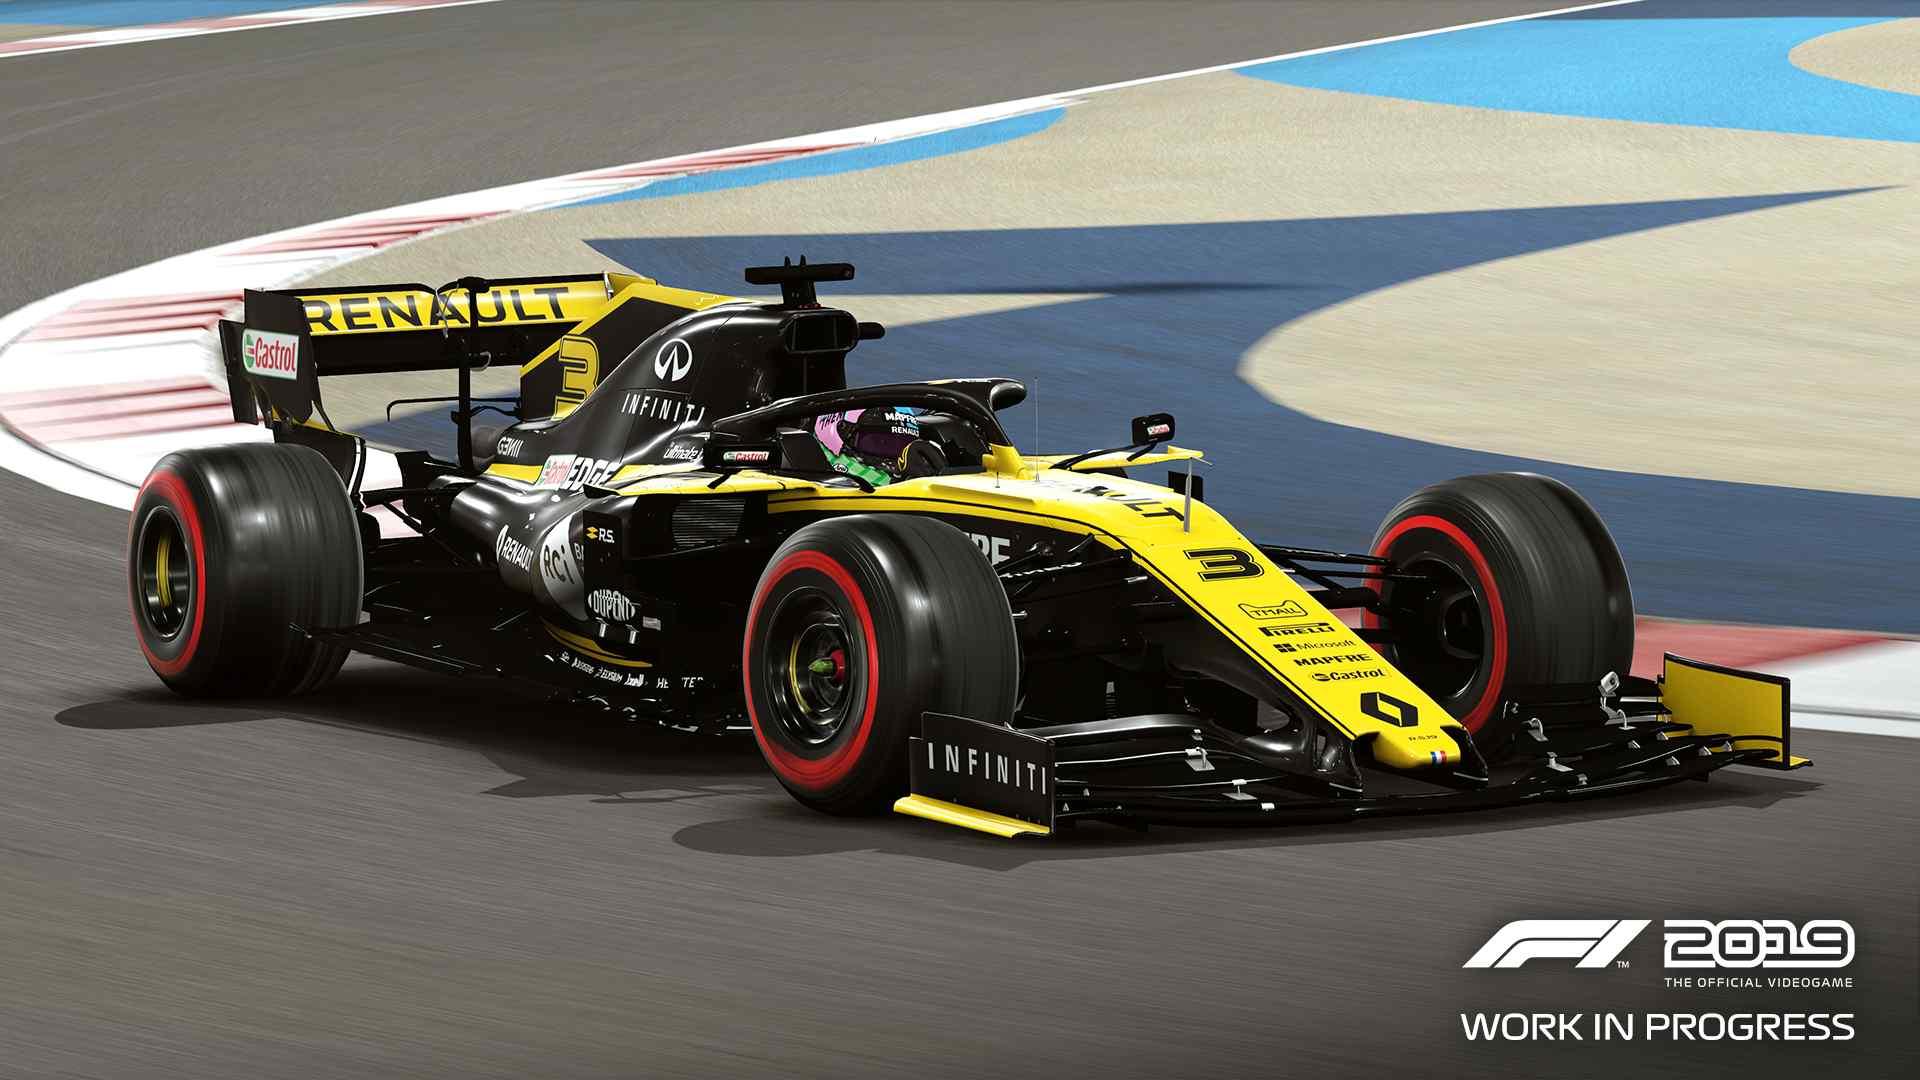 F1 2019 Screenshot 6